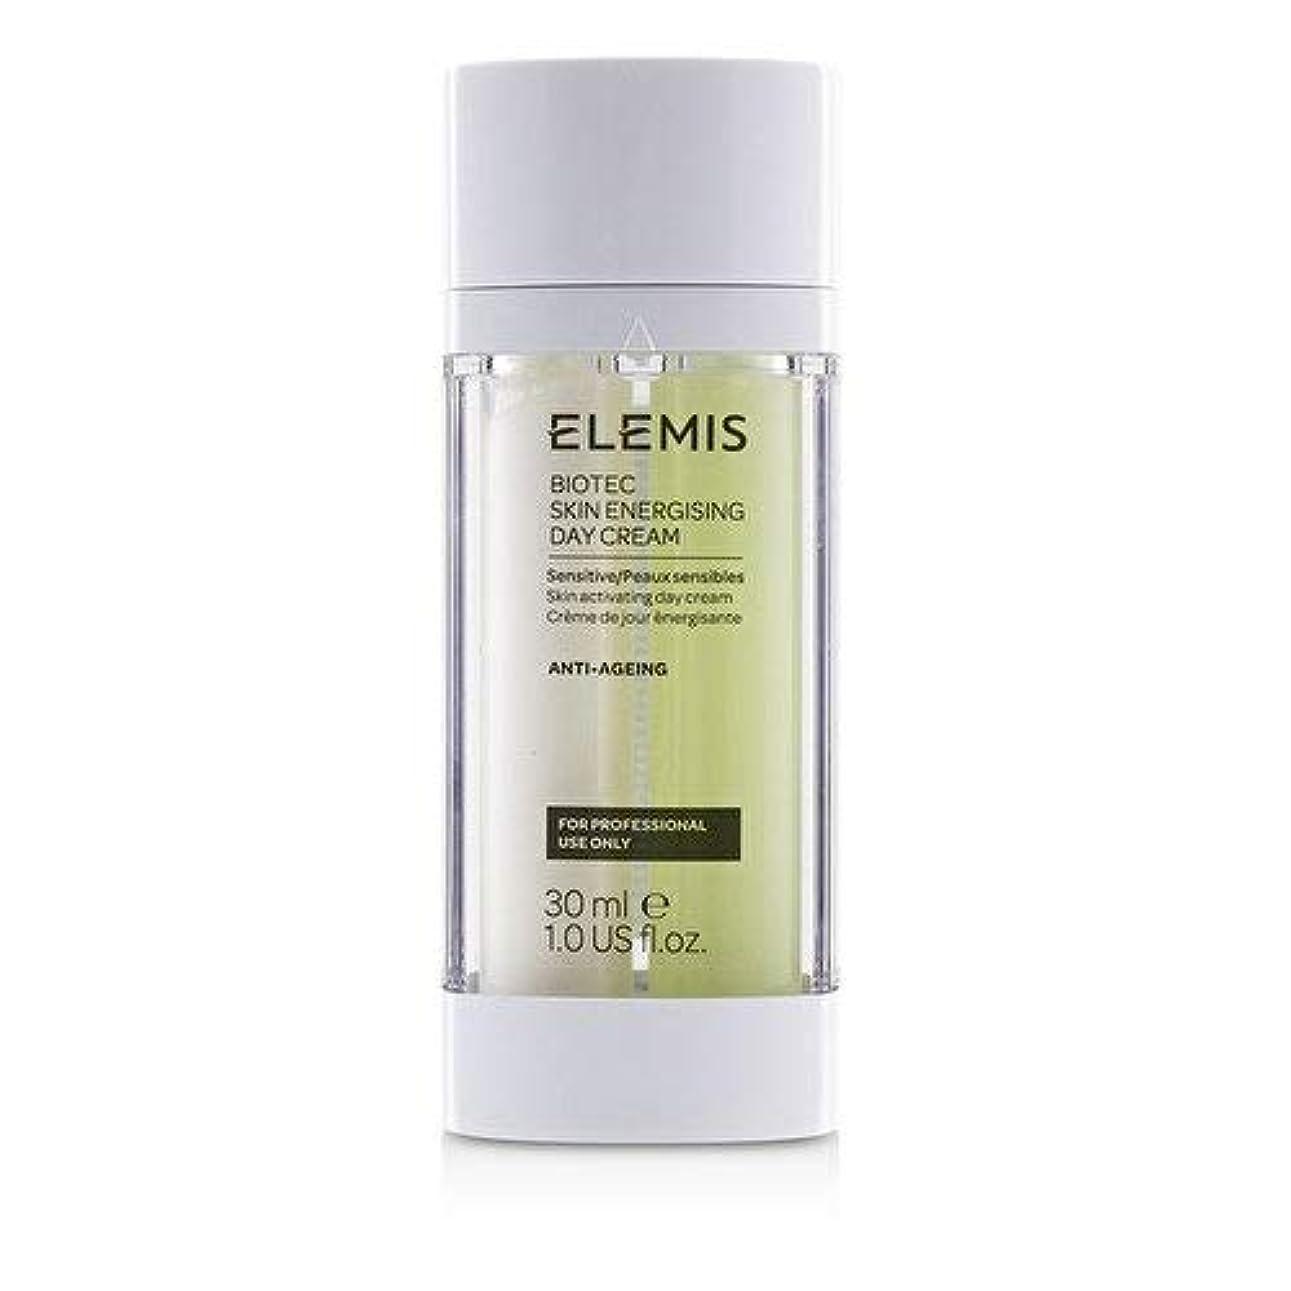 テープお金代替案エレミス BIOTEC Skin Energising Day Cream - Sensitive (Salon Product) 30ml/1oz並行輸入品